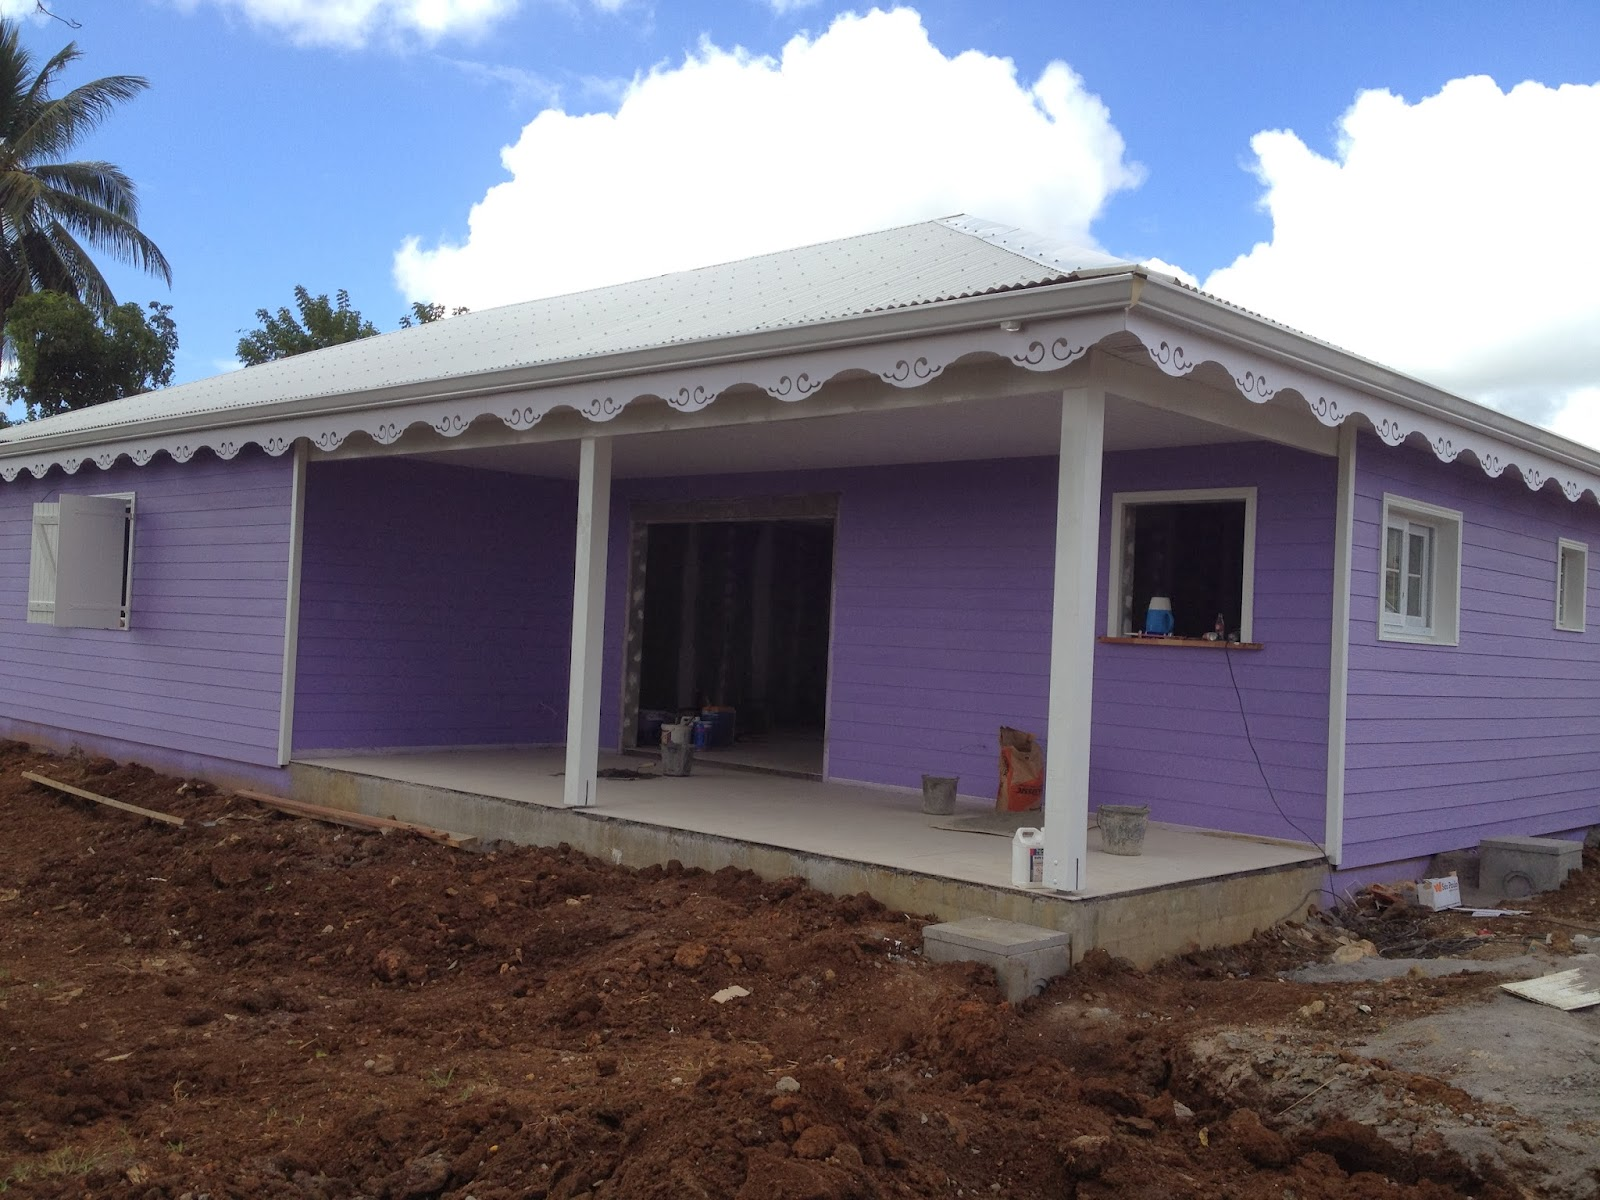 Notre maison sibat en martinique ca ressemble une maison for Peinture exterieure maison